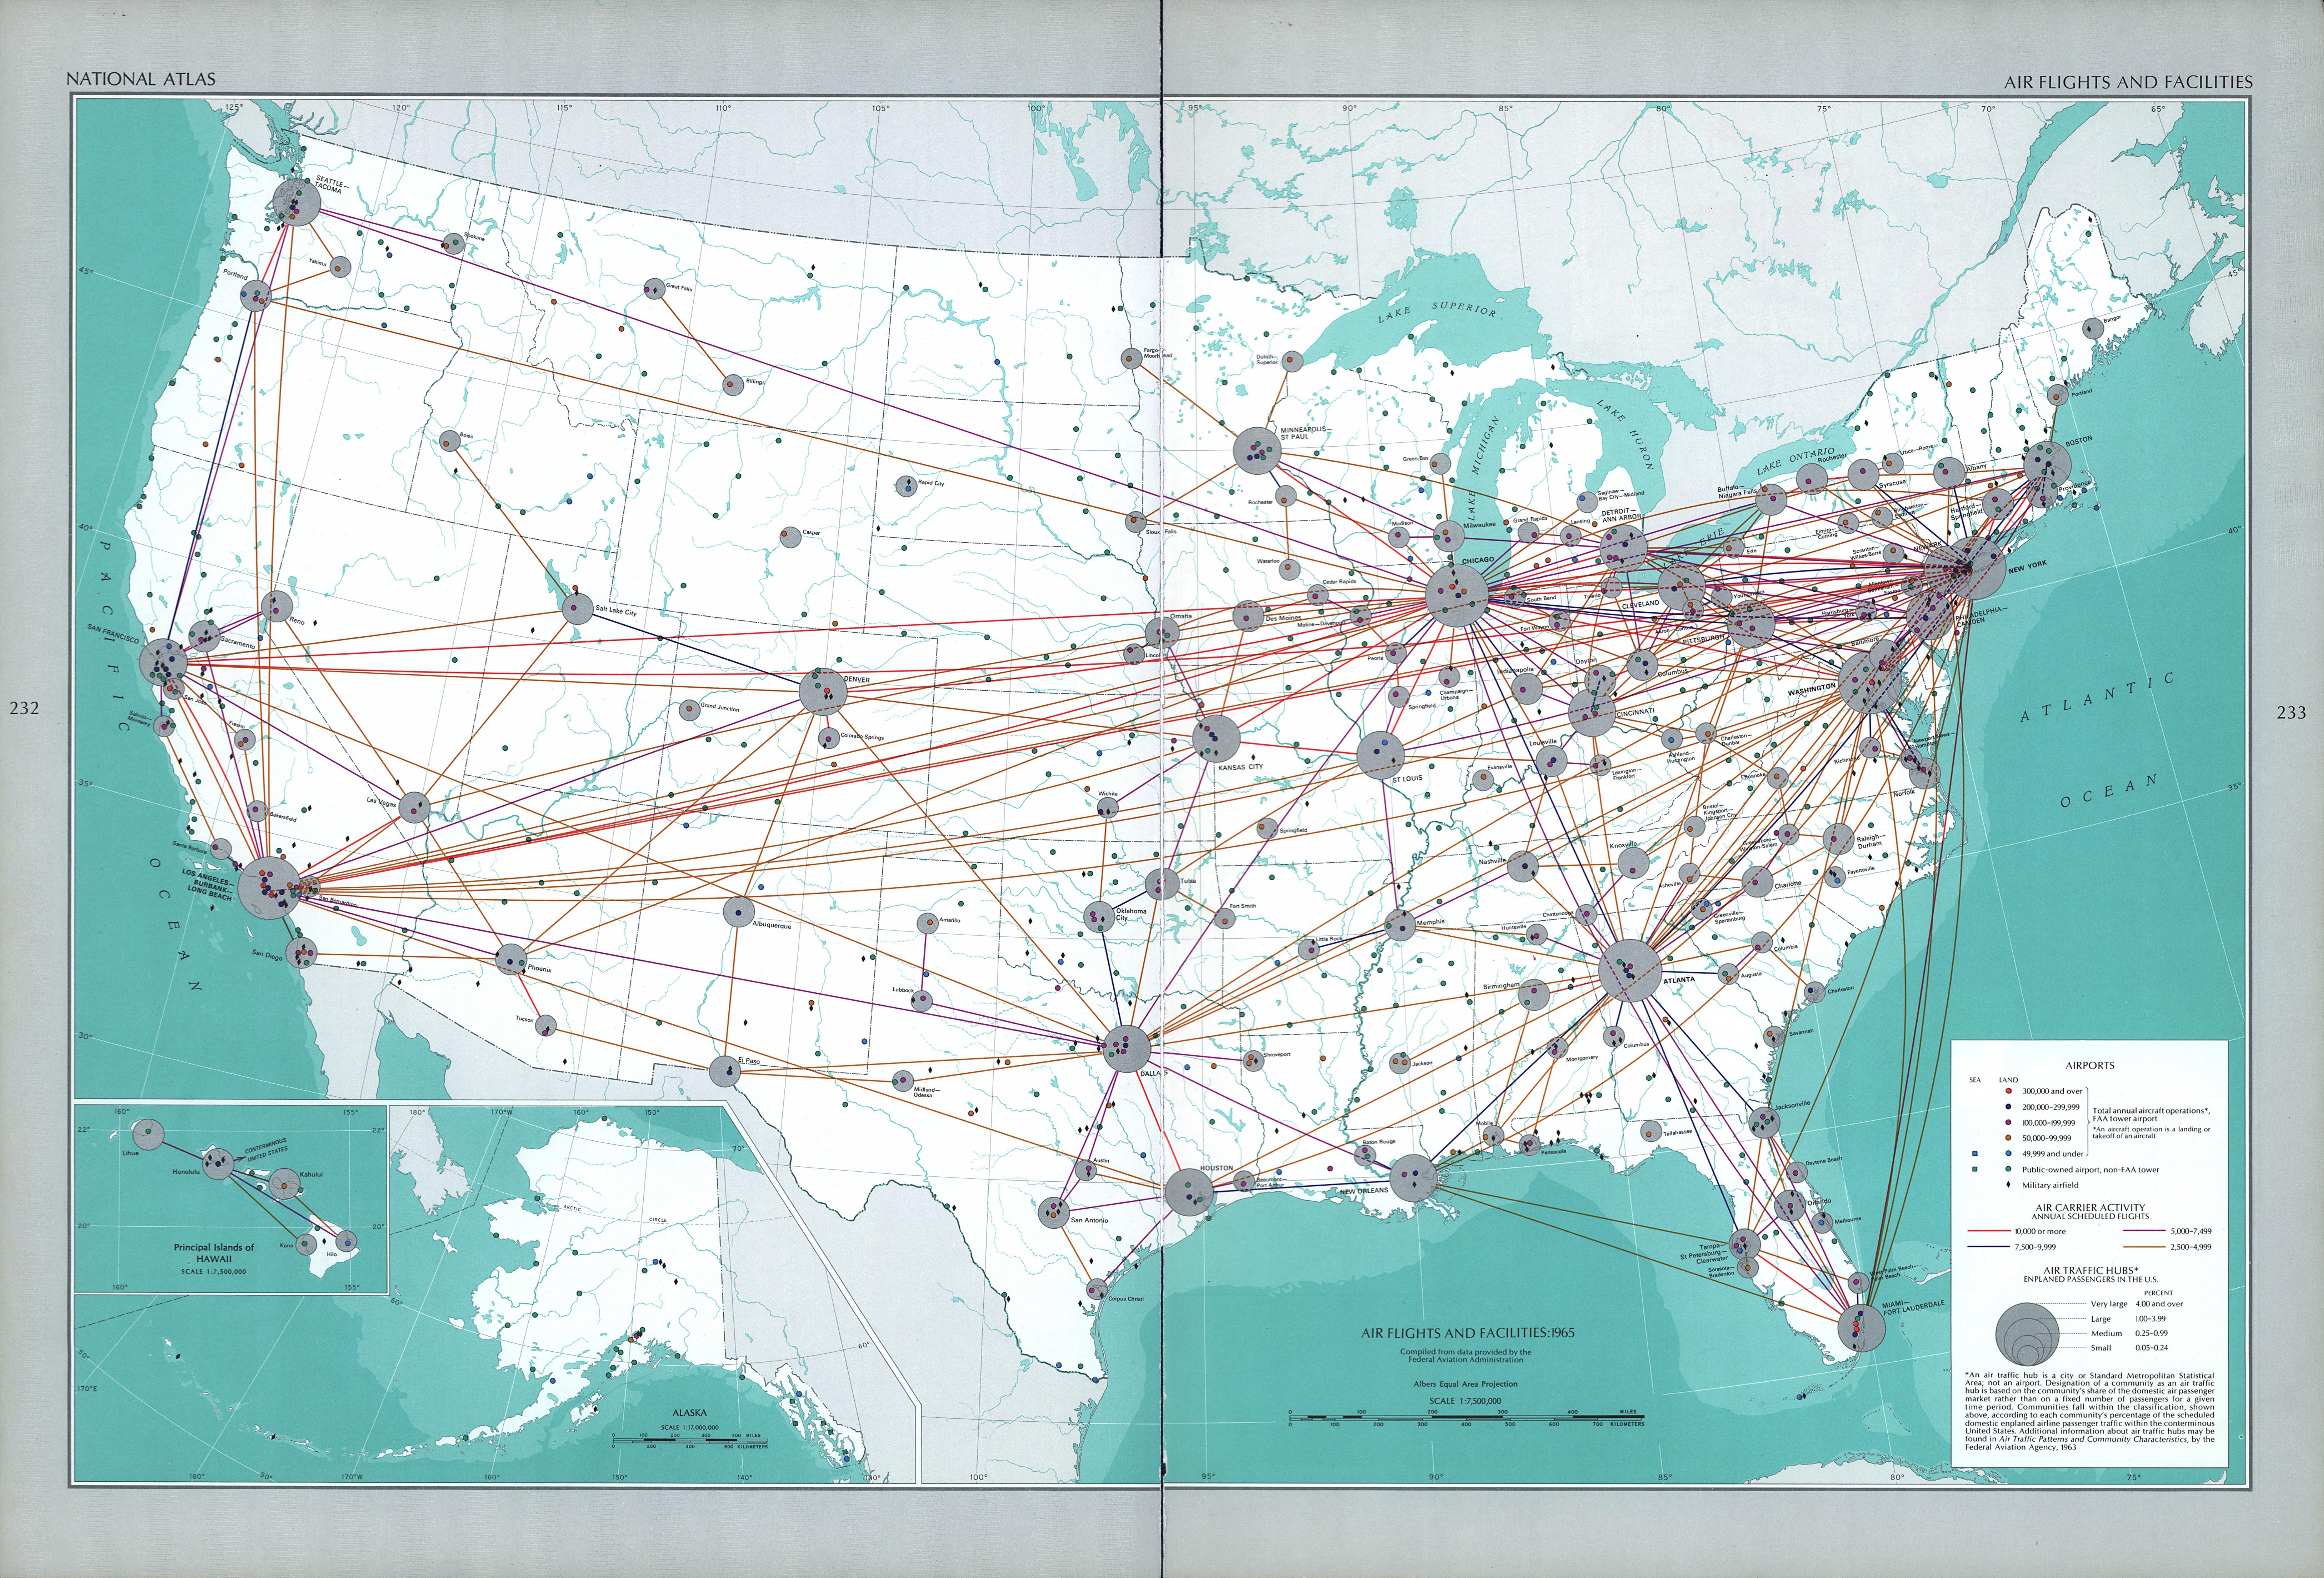 Mapa de los Vuelos e Instalaciones Aeroportuaria Estados Unidos